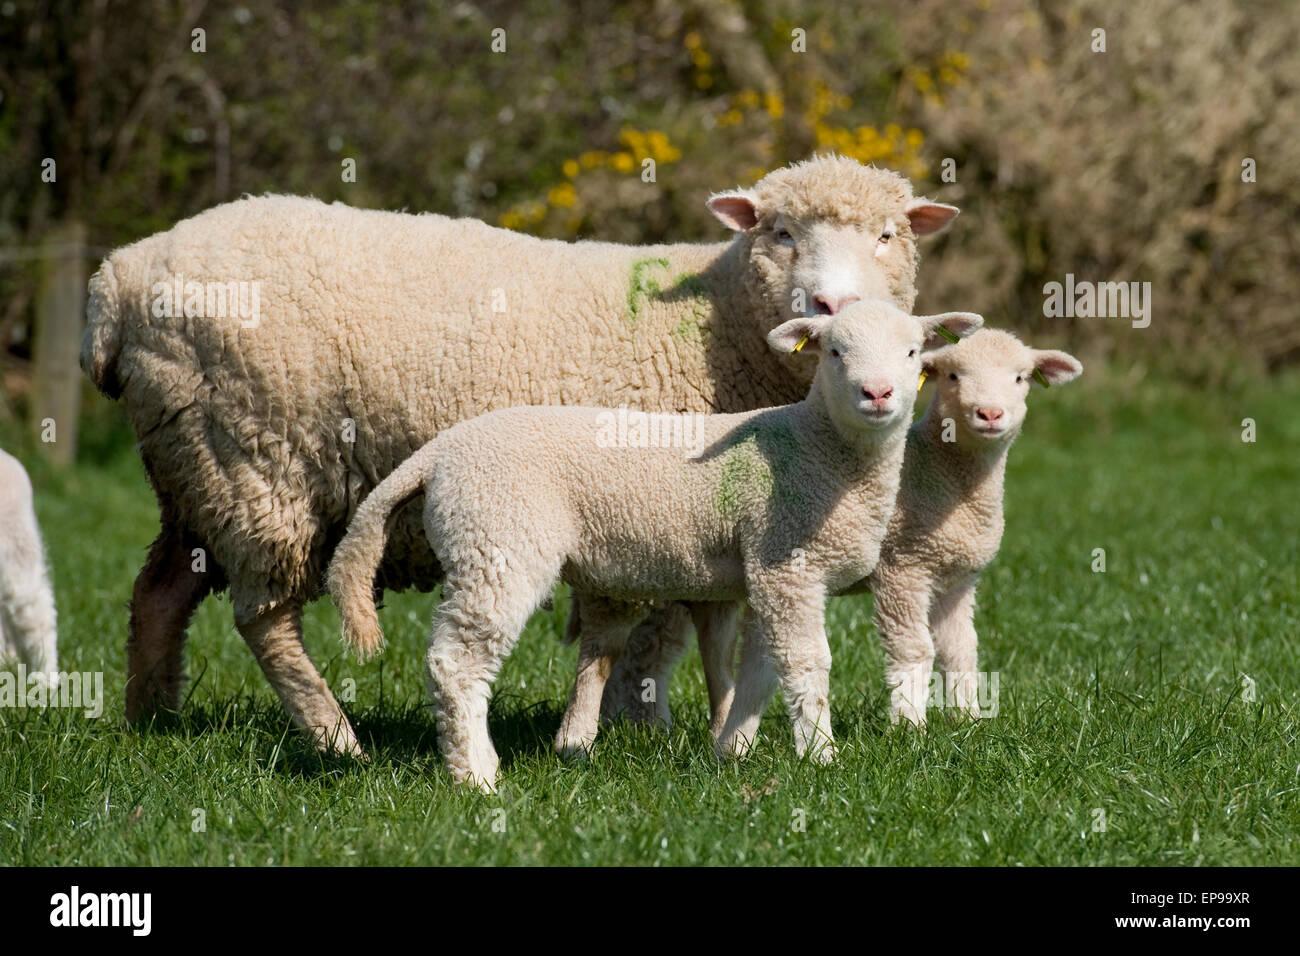 ewe and twin lambs - Stock Image